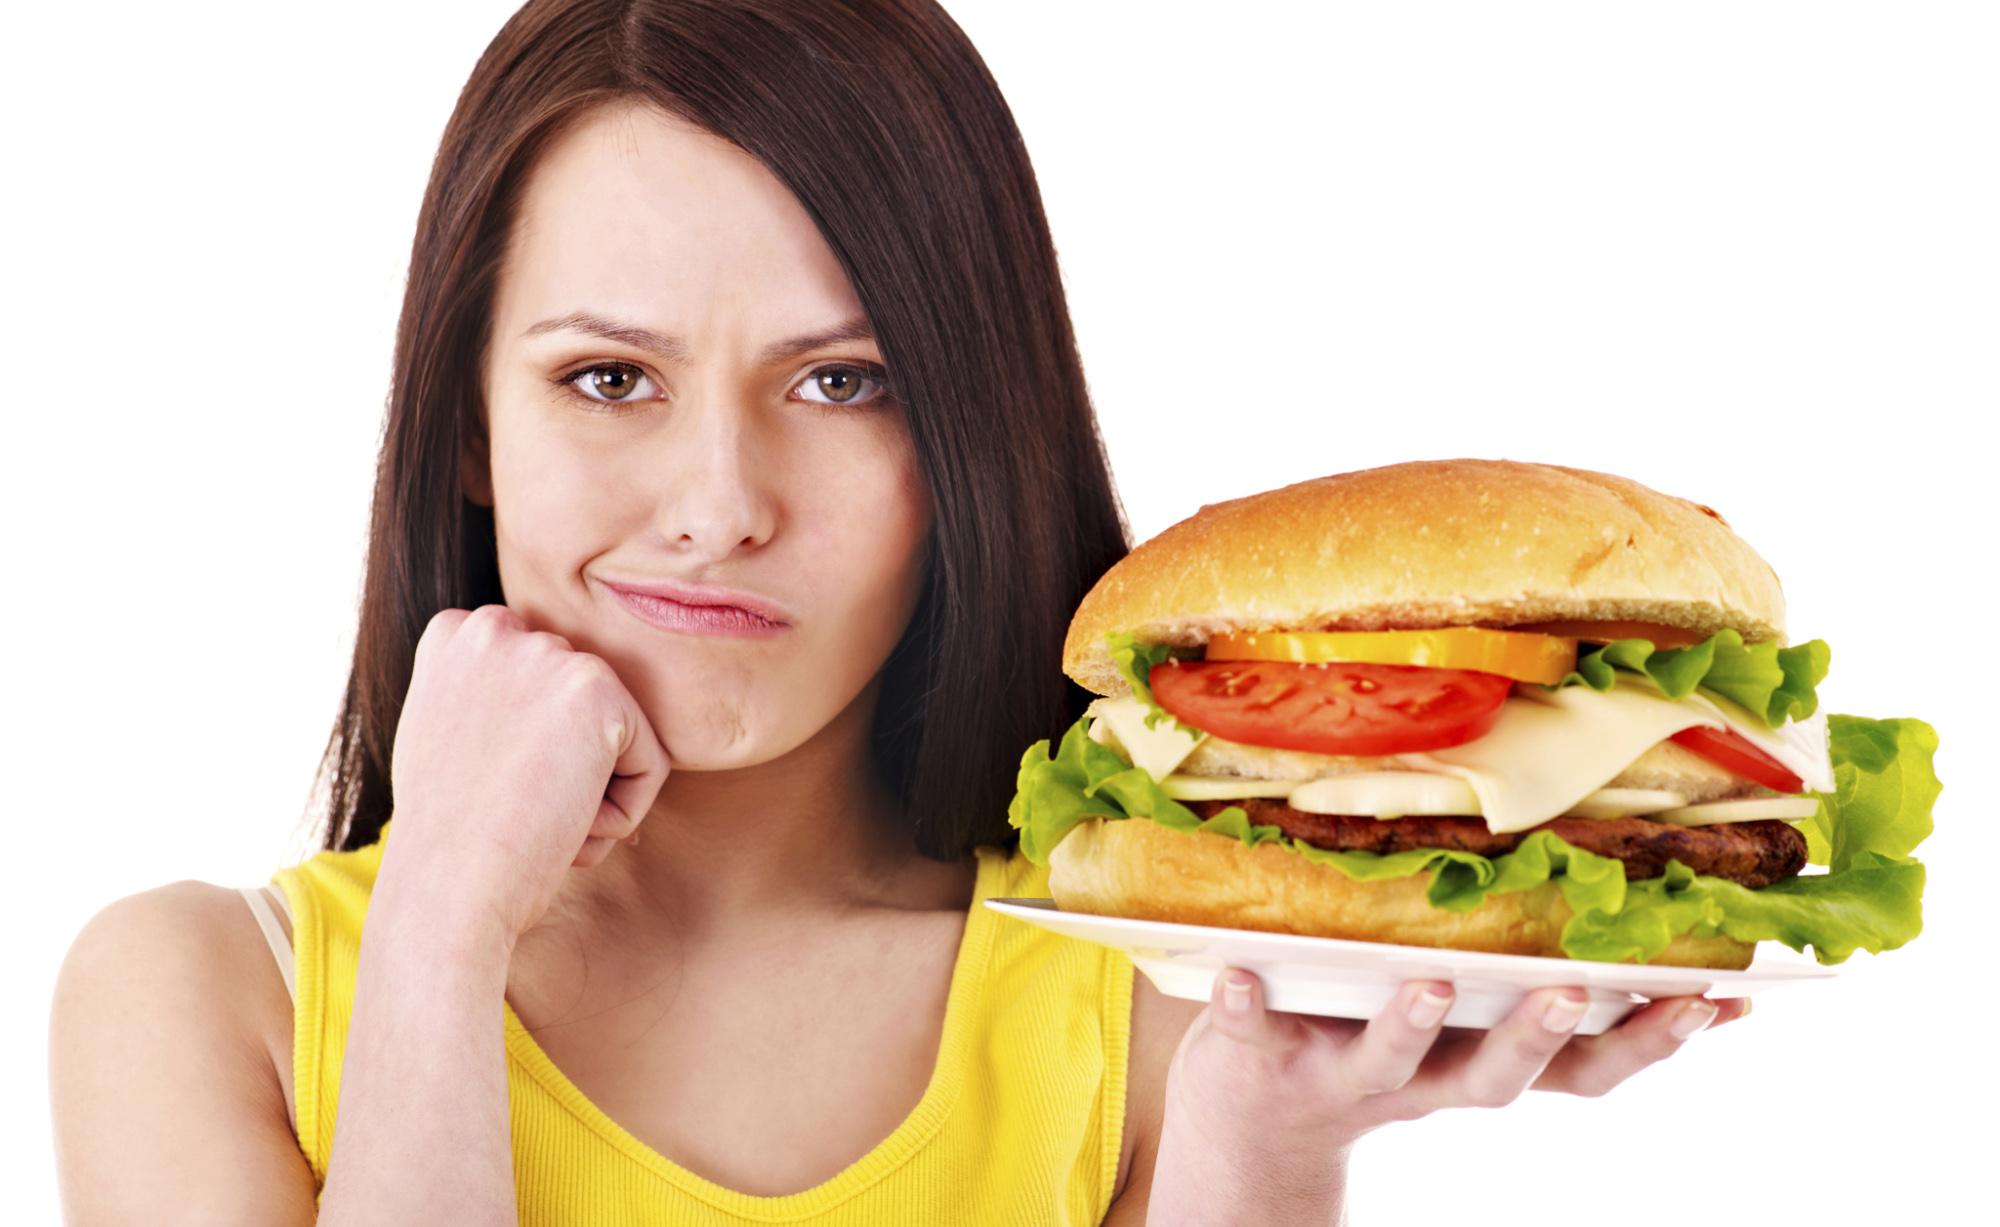 Una dieta a base di grassi e zuccheri danneggia il cervello